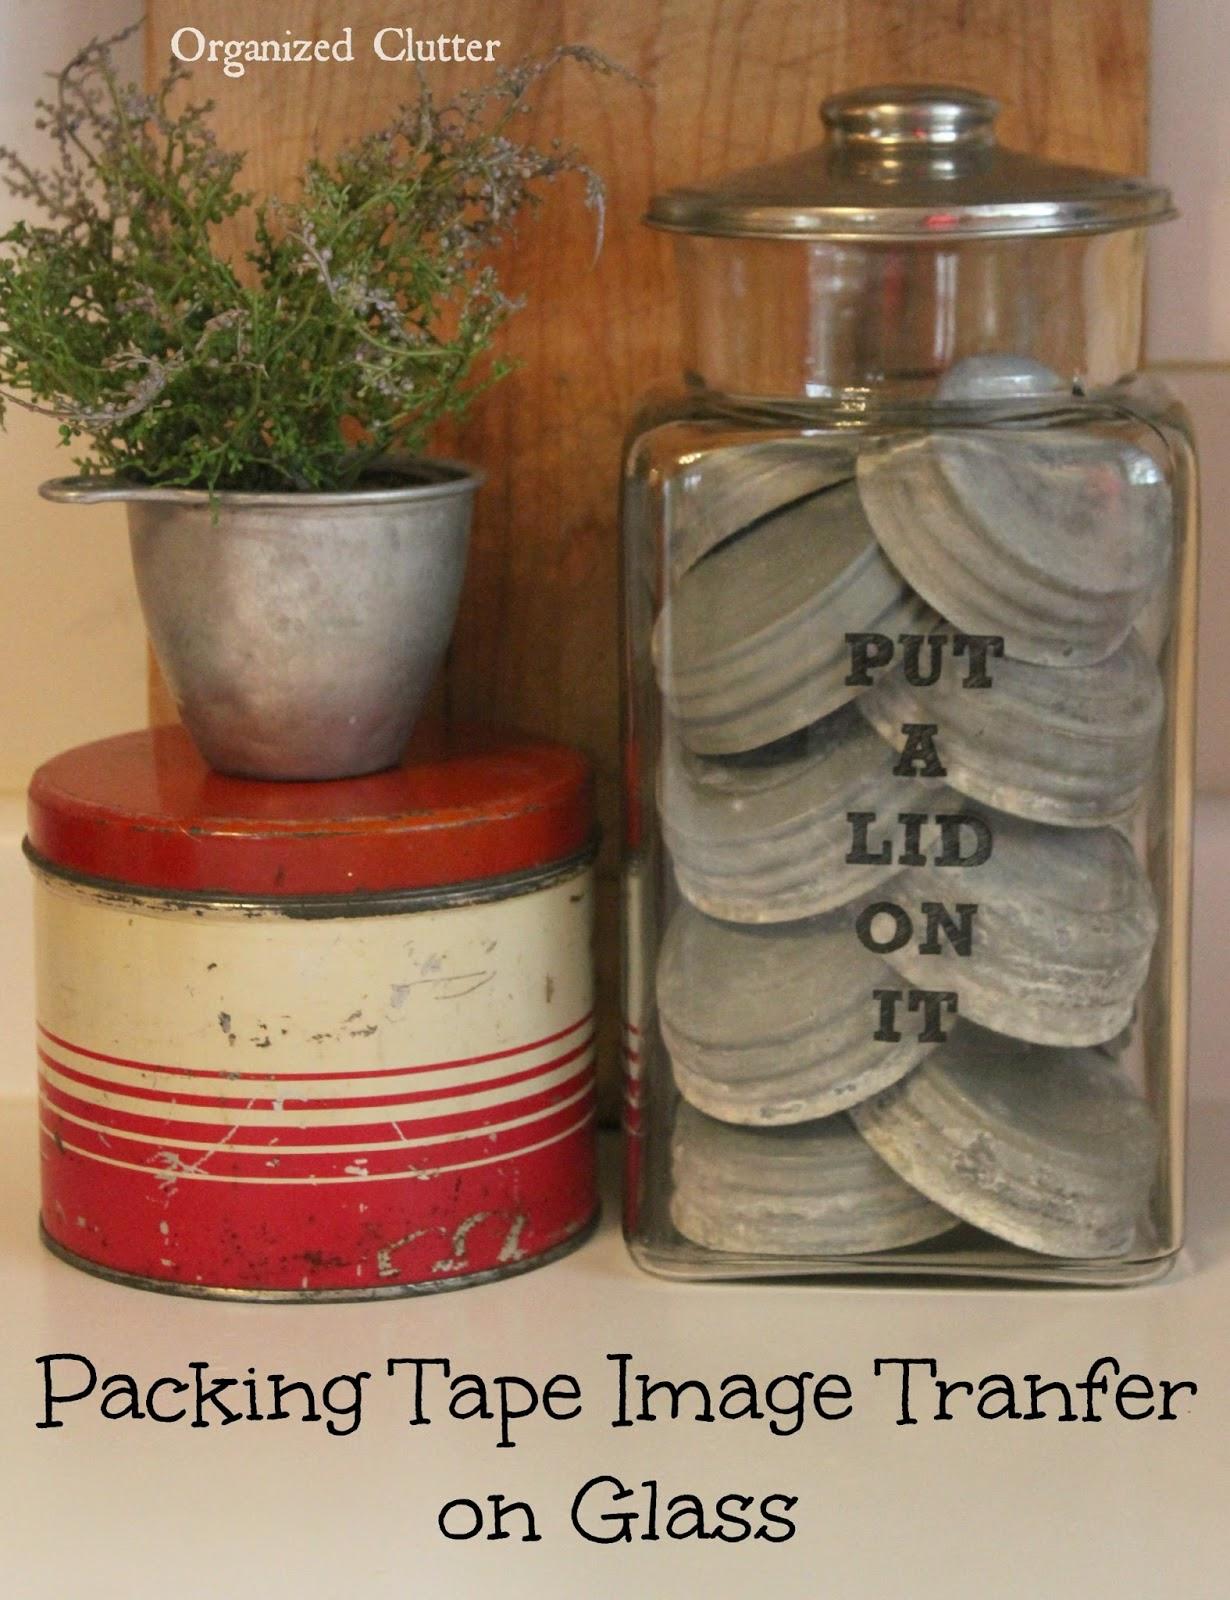 Image Transfer on Glass/Zinc Lid Display www.organizedclutter.net